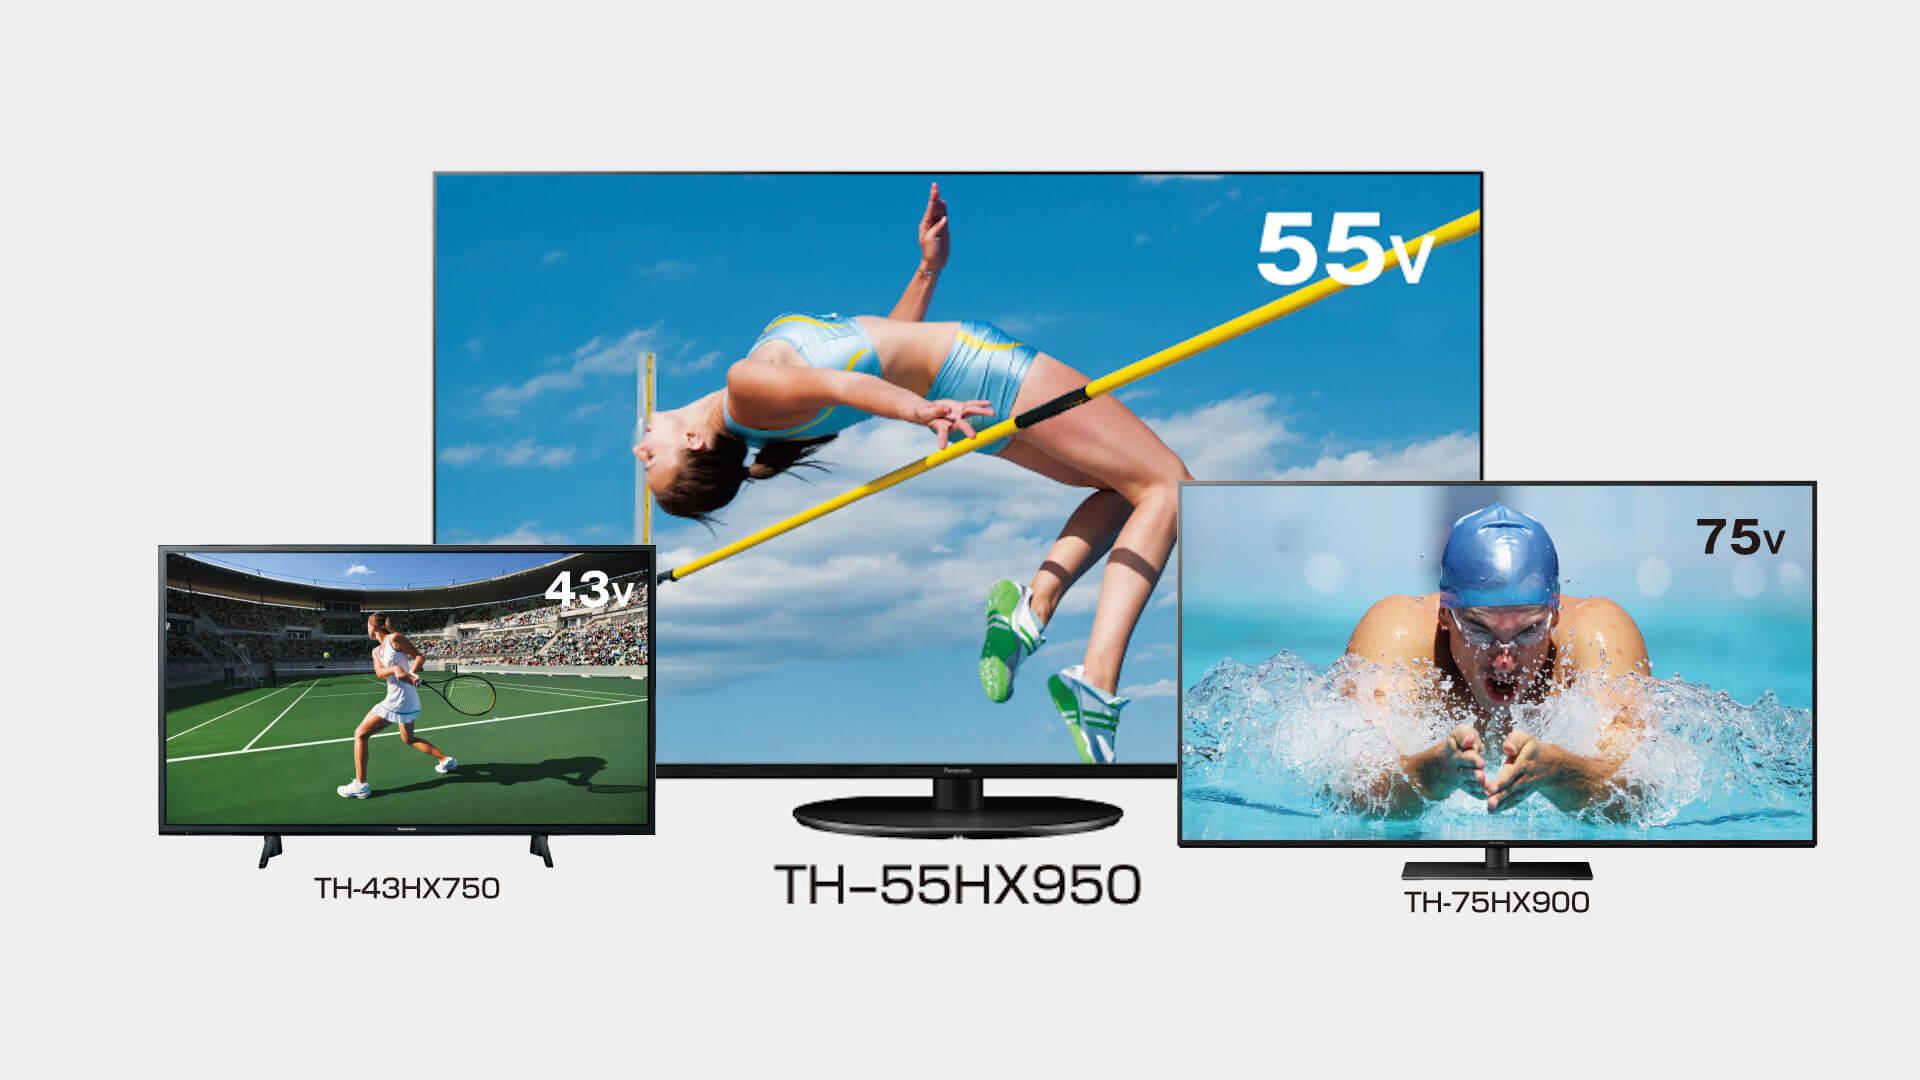 パナソニック、4Kチューナー内蔵の薄型テレビ HX950, HX900, HX750シリーズを新発売